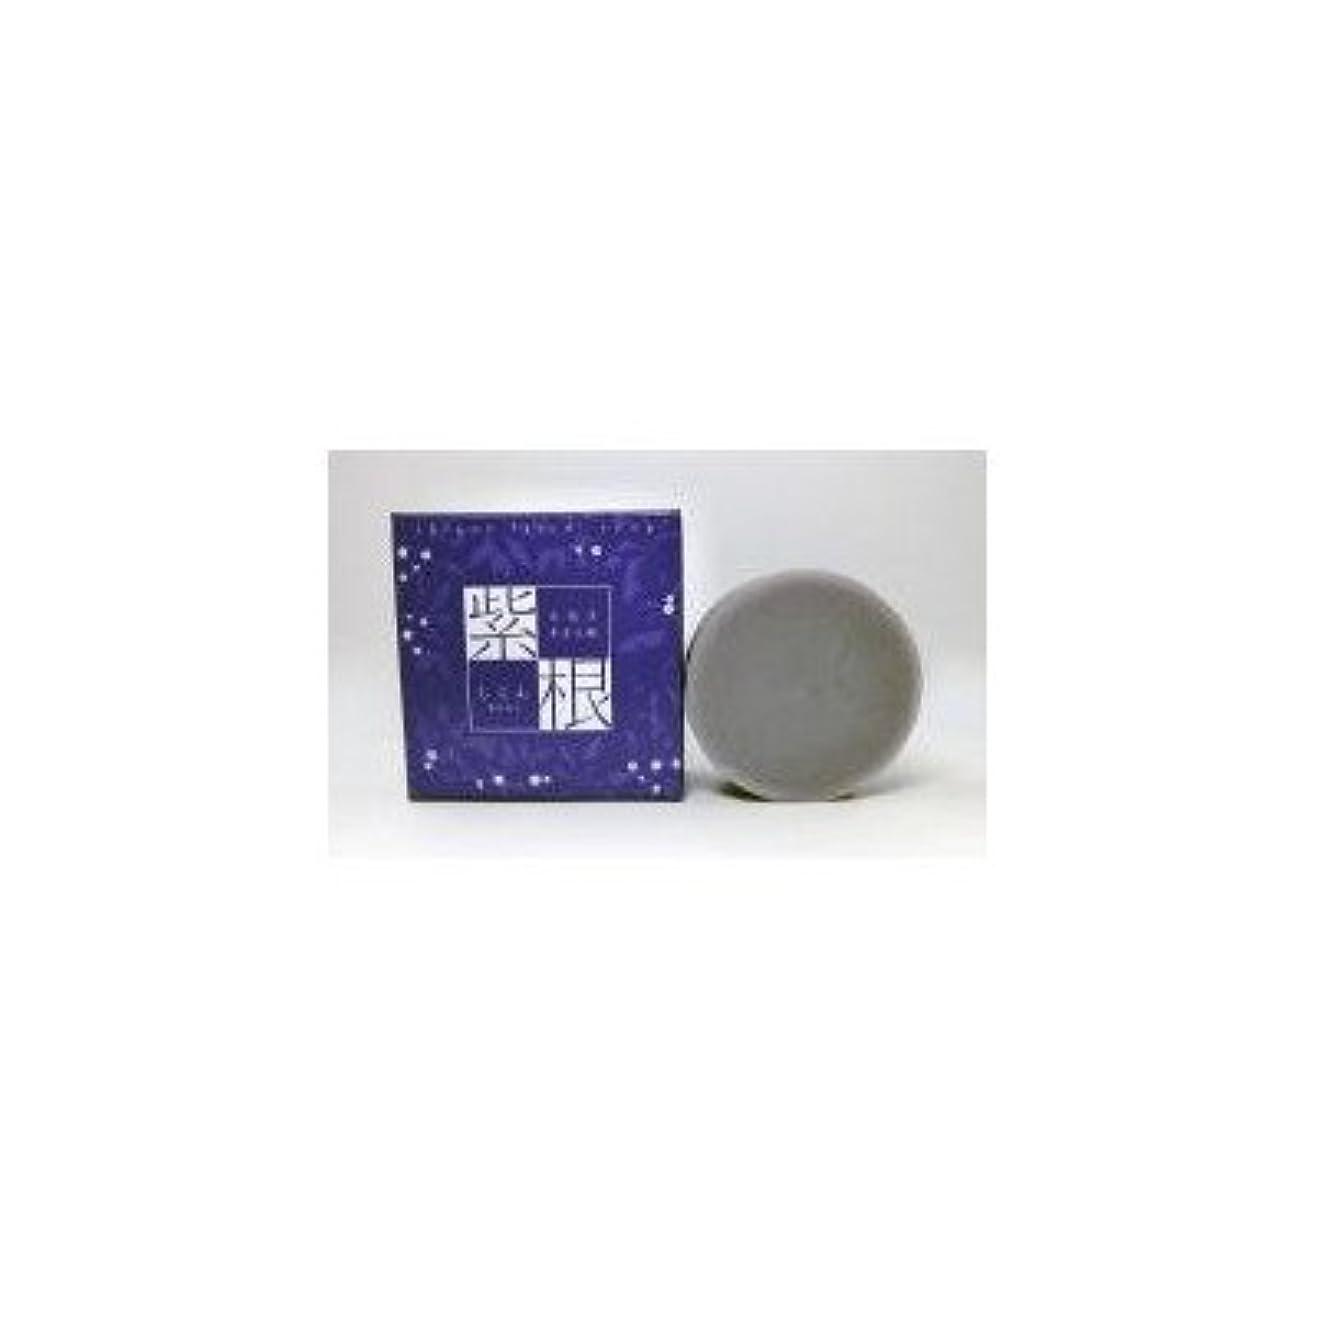 徴収照らす前文紫根エキスをたっぷり配合した洗顔石鹸 紫根石鹸 100g×5個セット